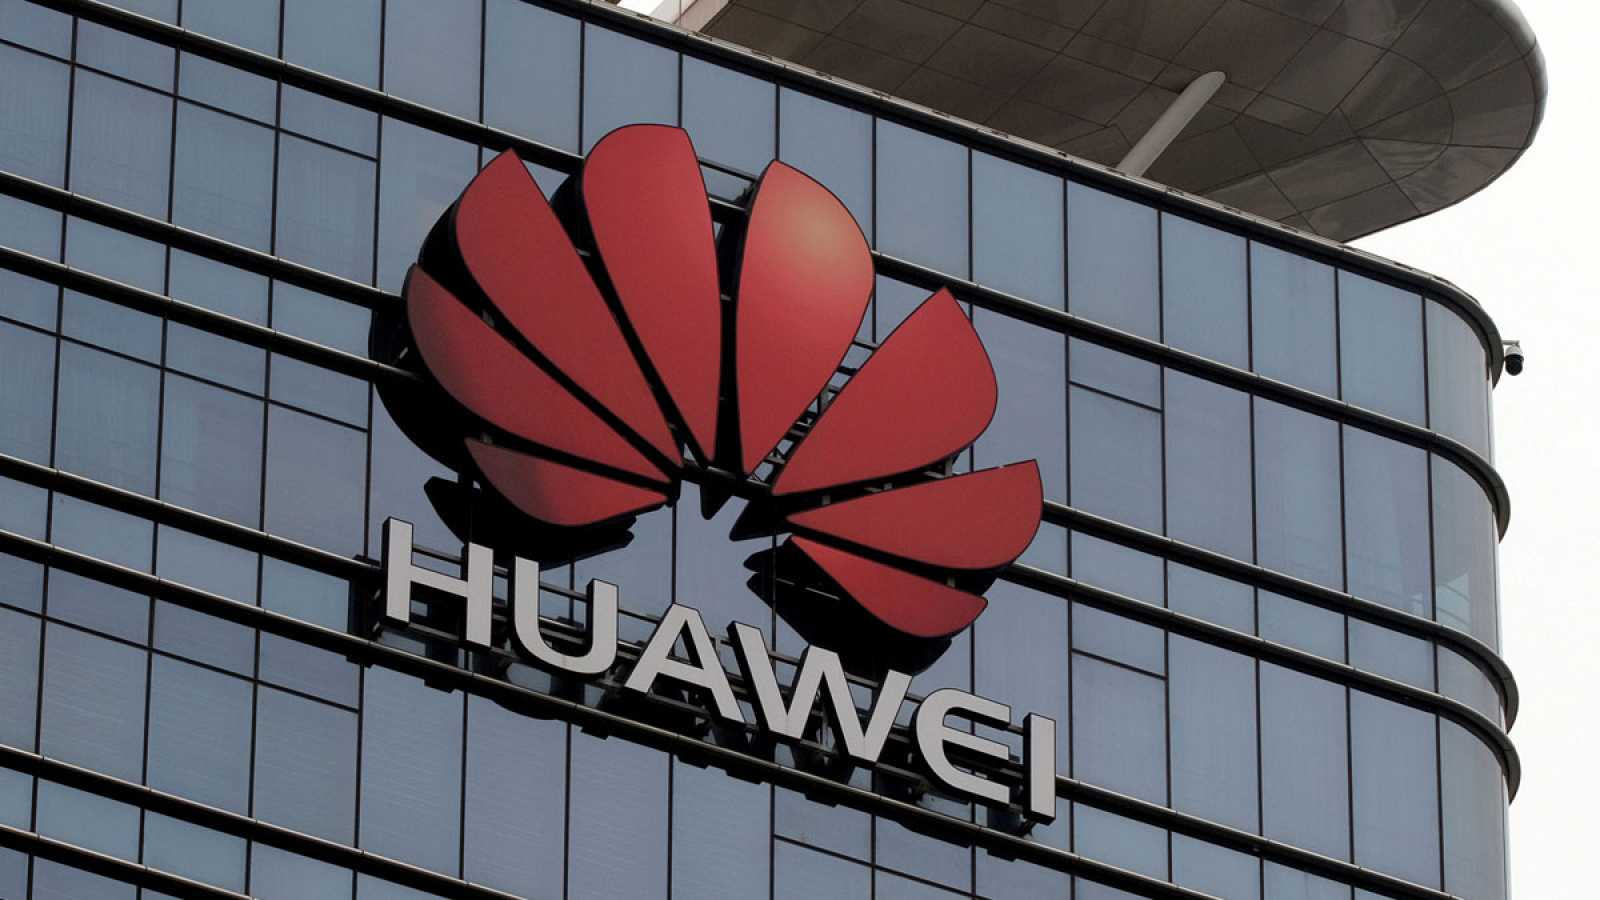 Guerra comercial entre China y EE.UU. con Huawei en el medio